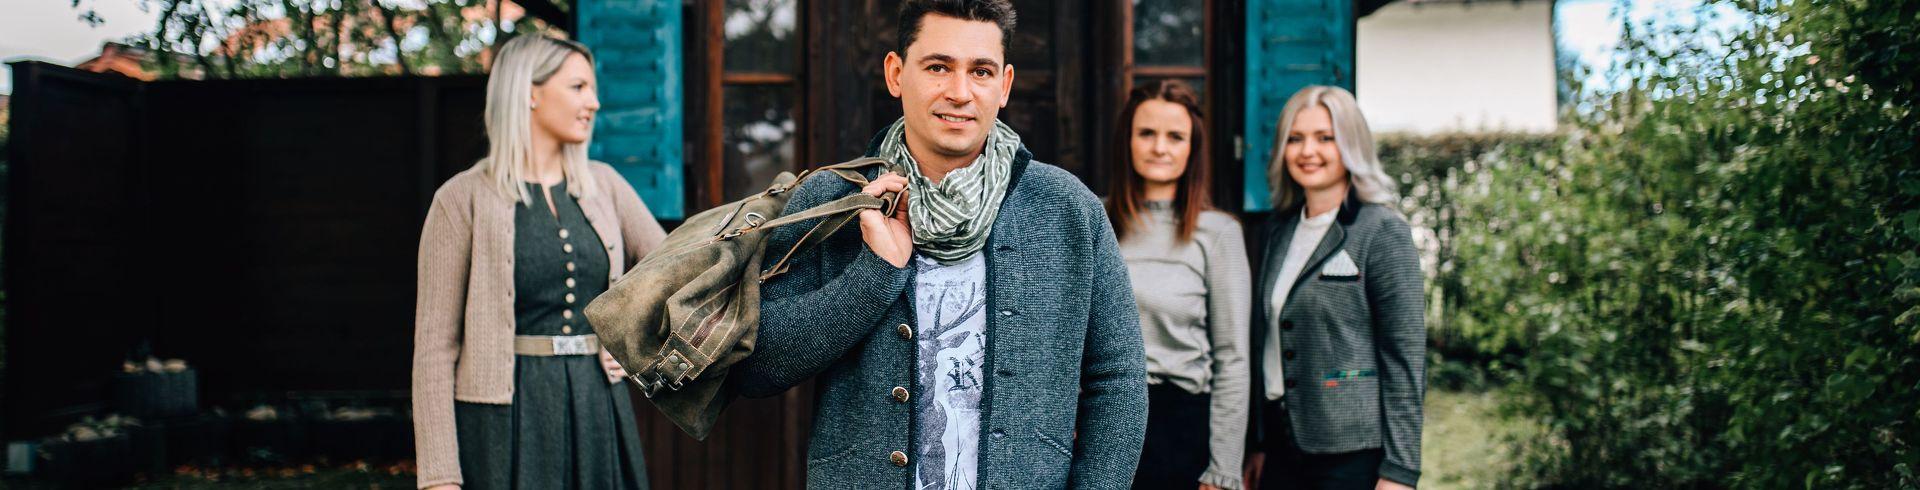 Trachenmode und Outdoorbekleidung in Kempten